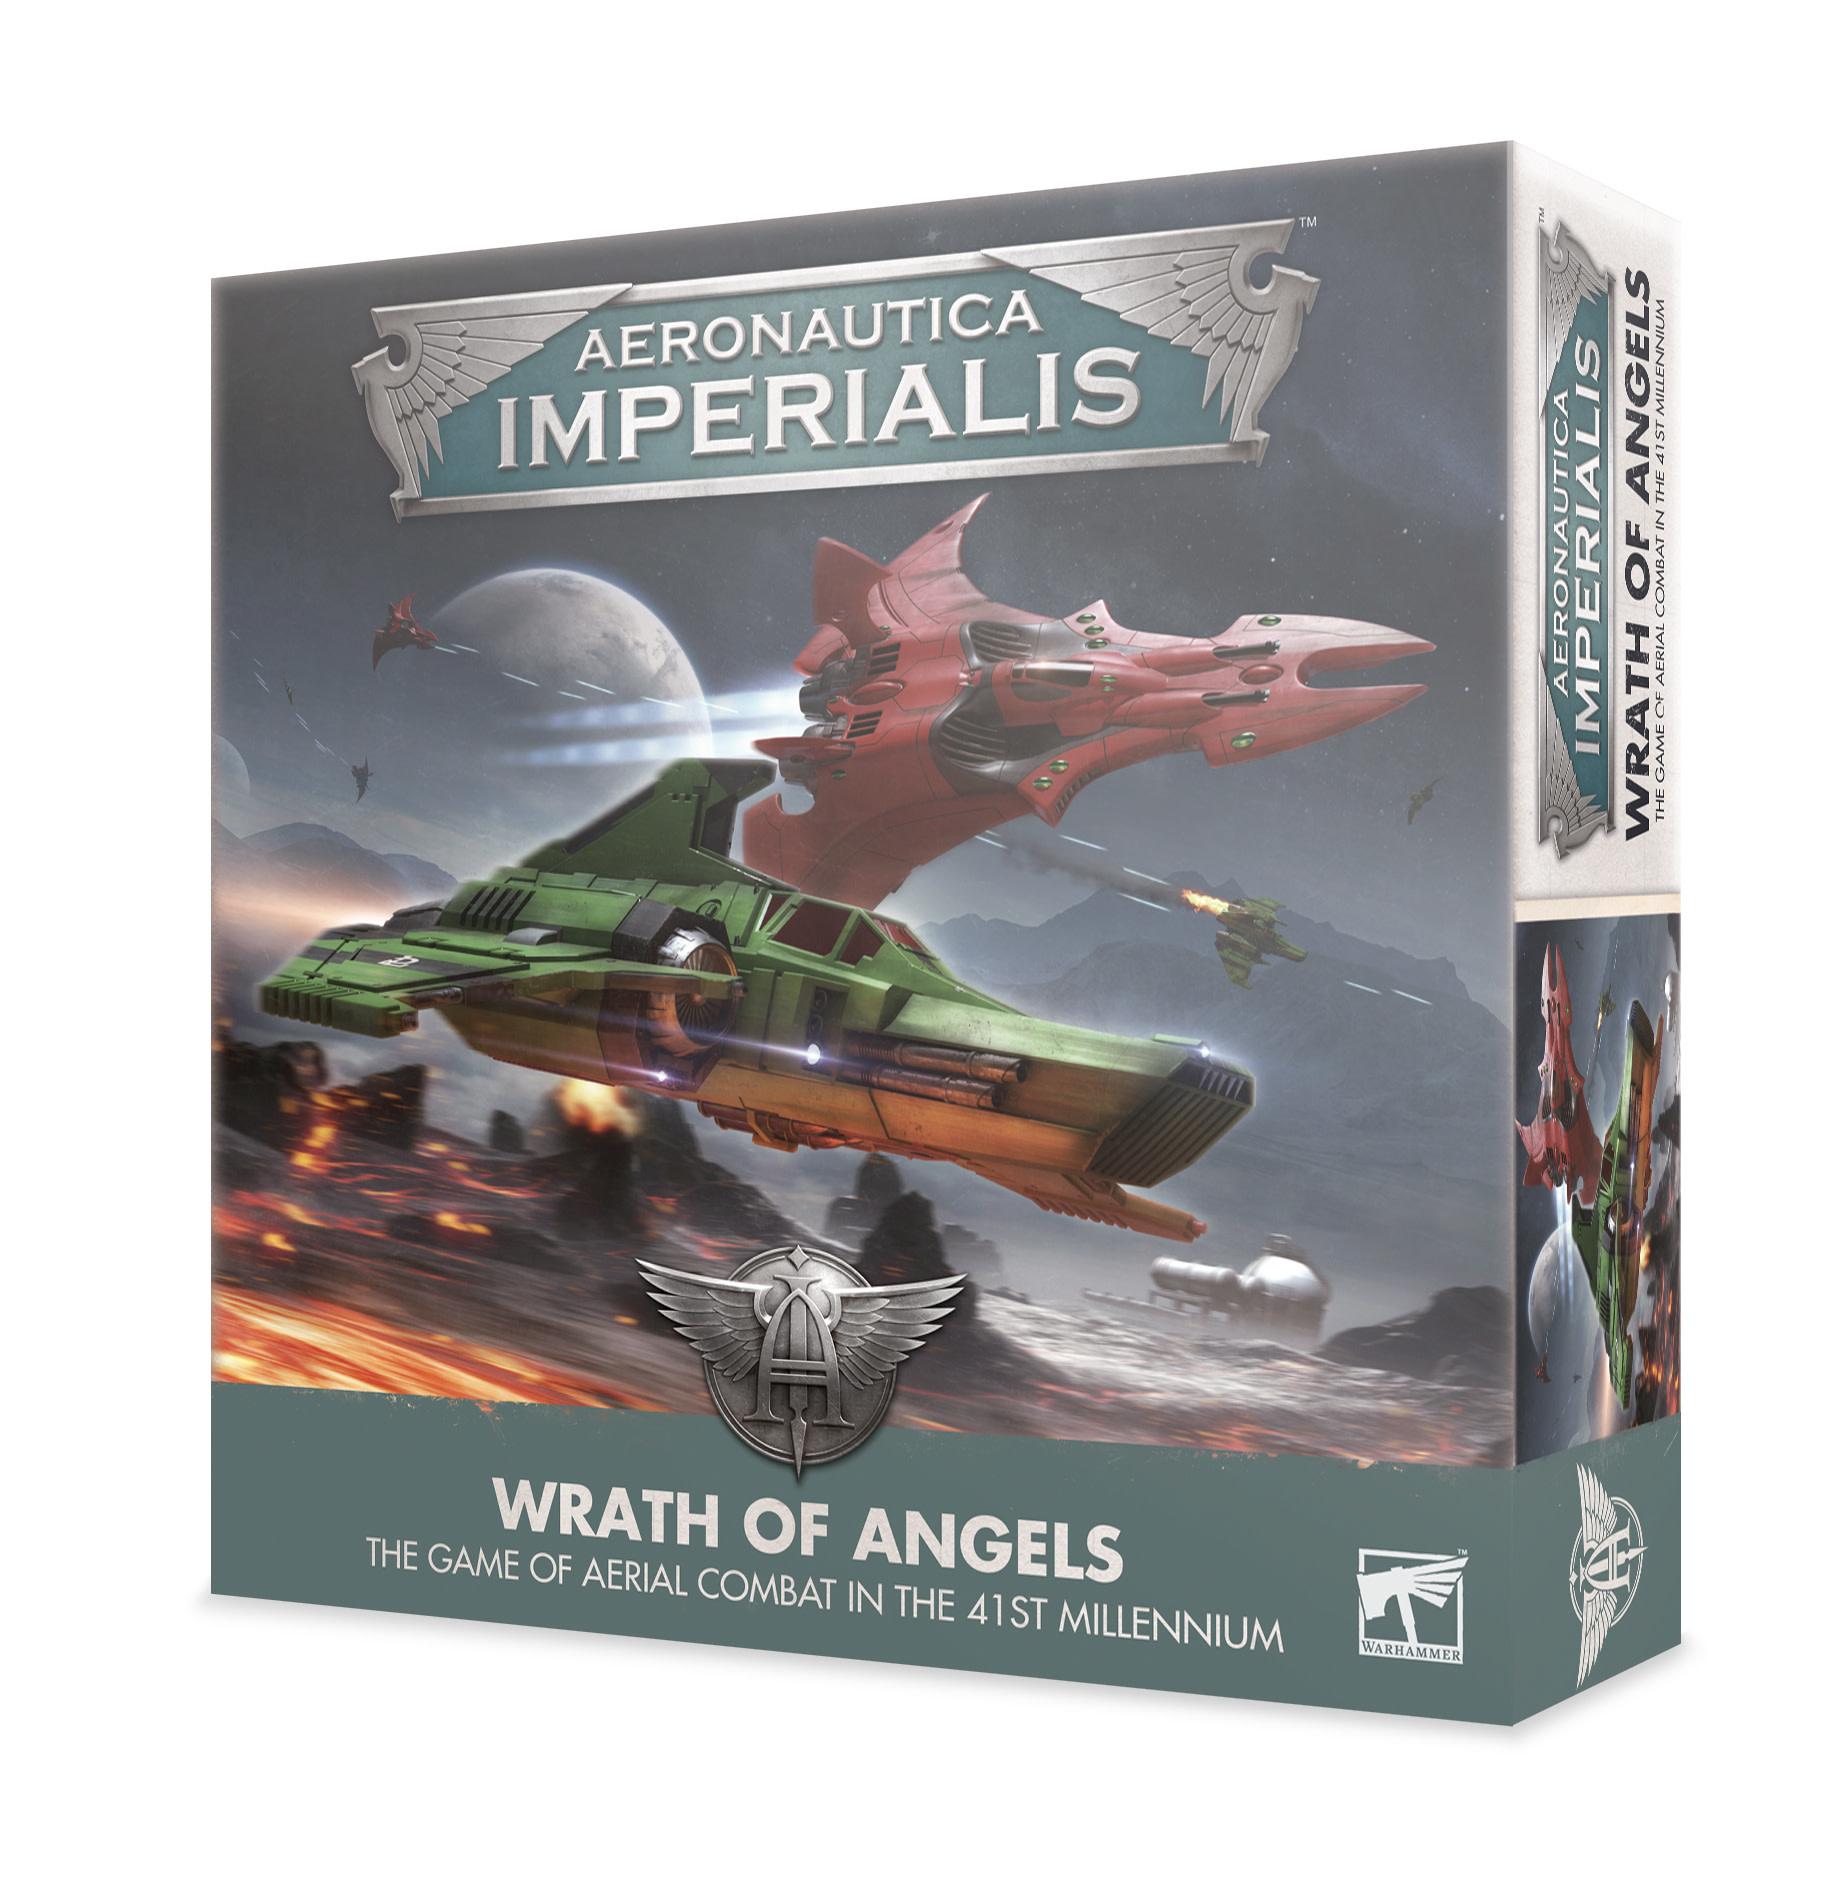 Games-Workshop Aeronautica Imperialis: Wrath of Angels